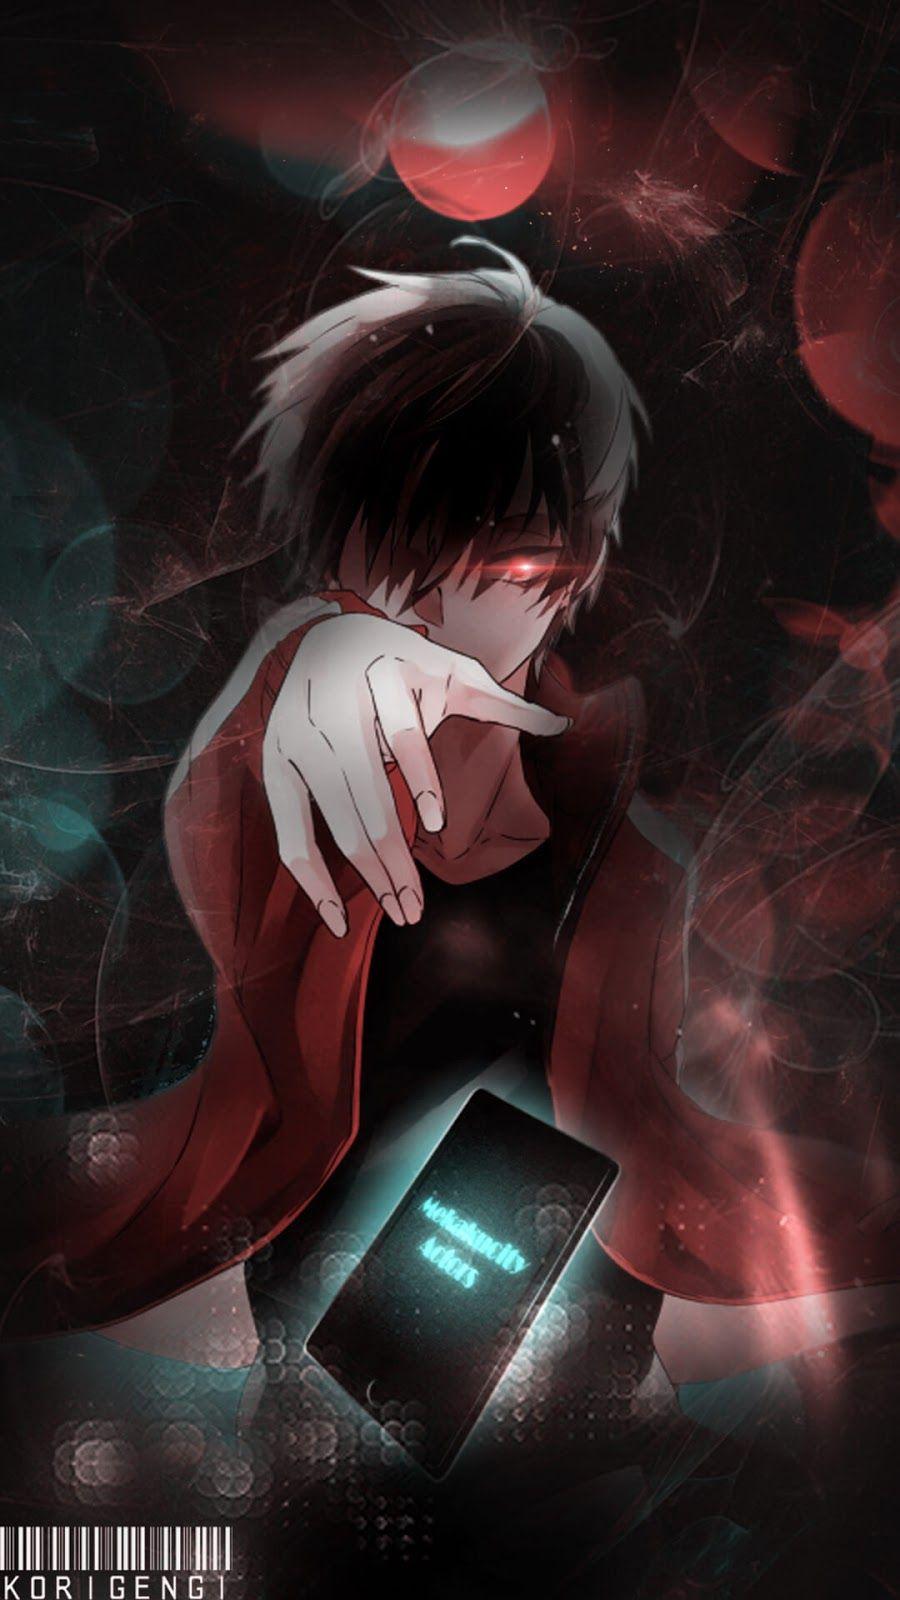 Cool Black Anime Boy Wallpaper